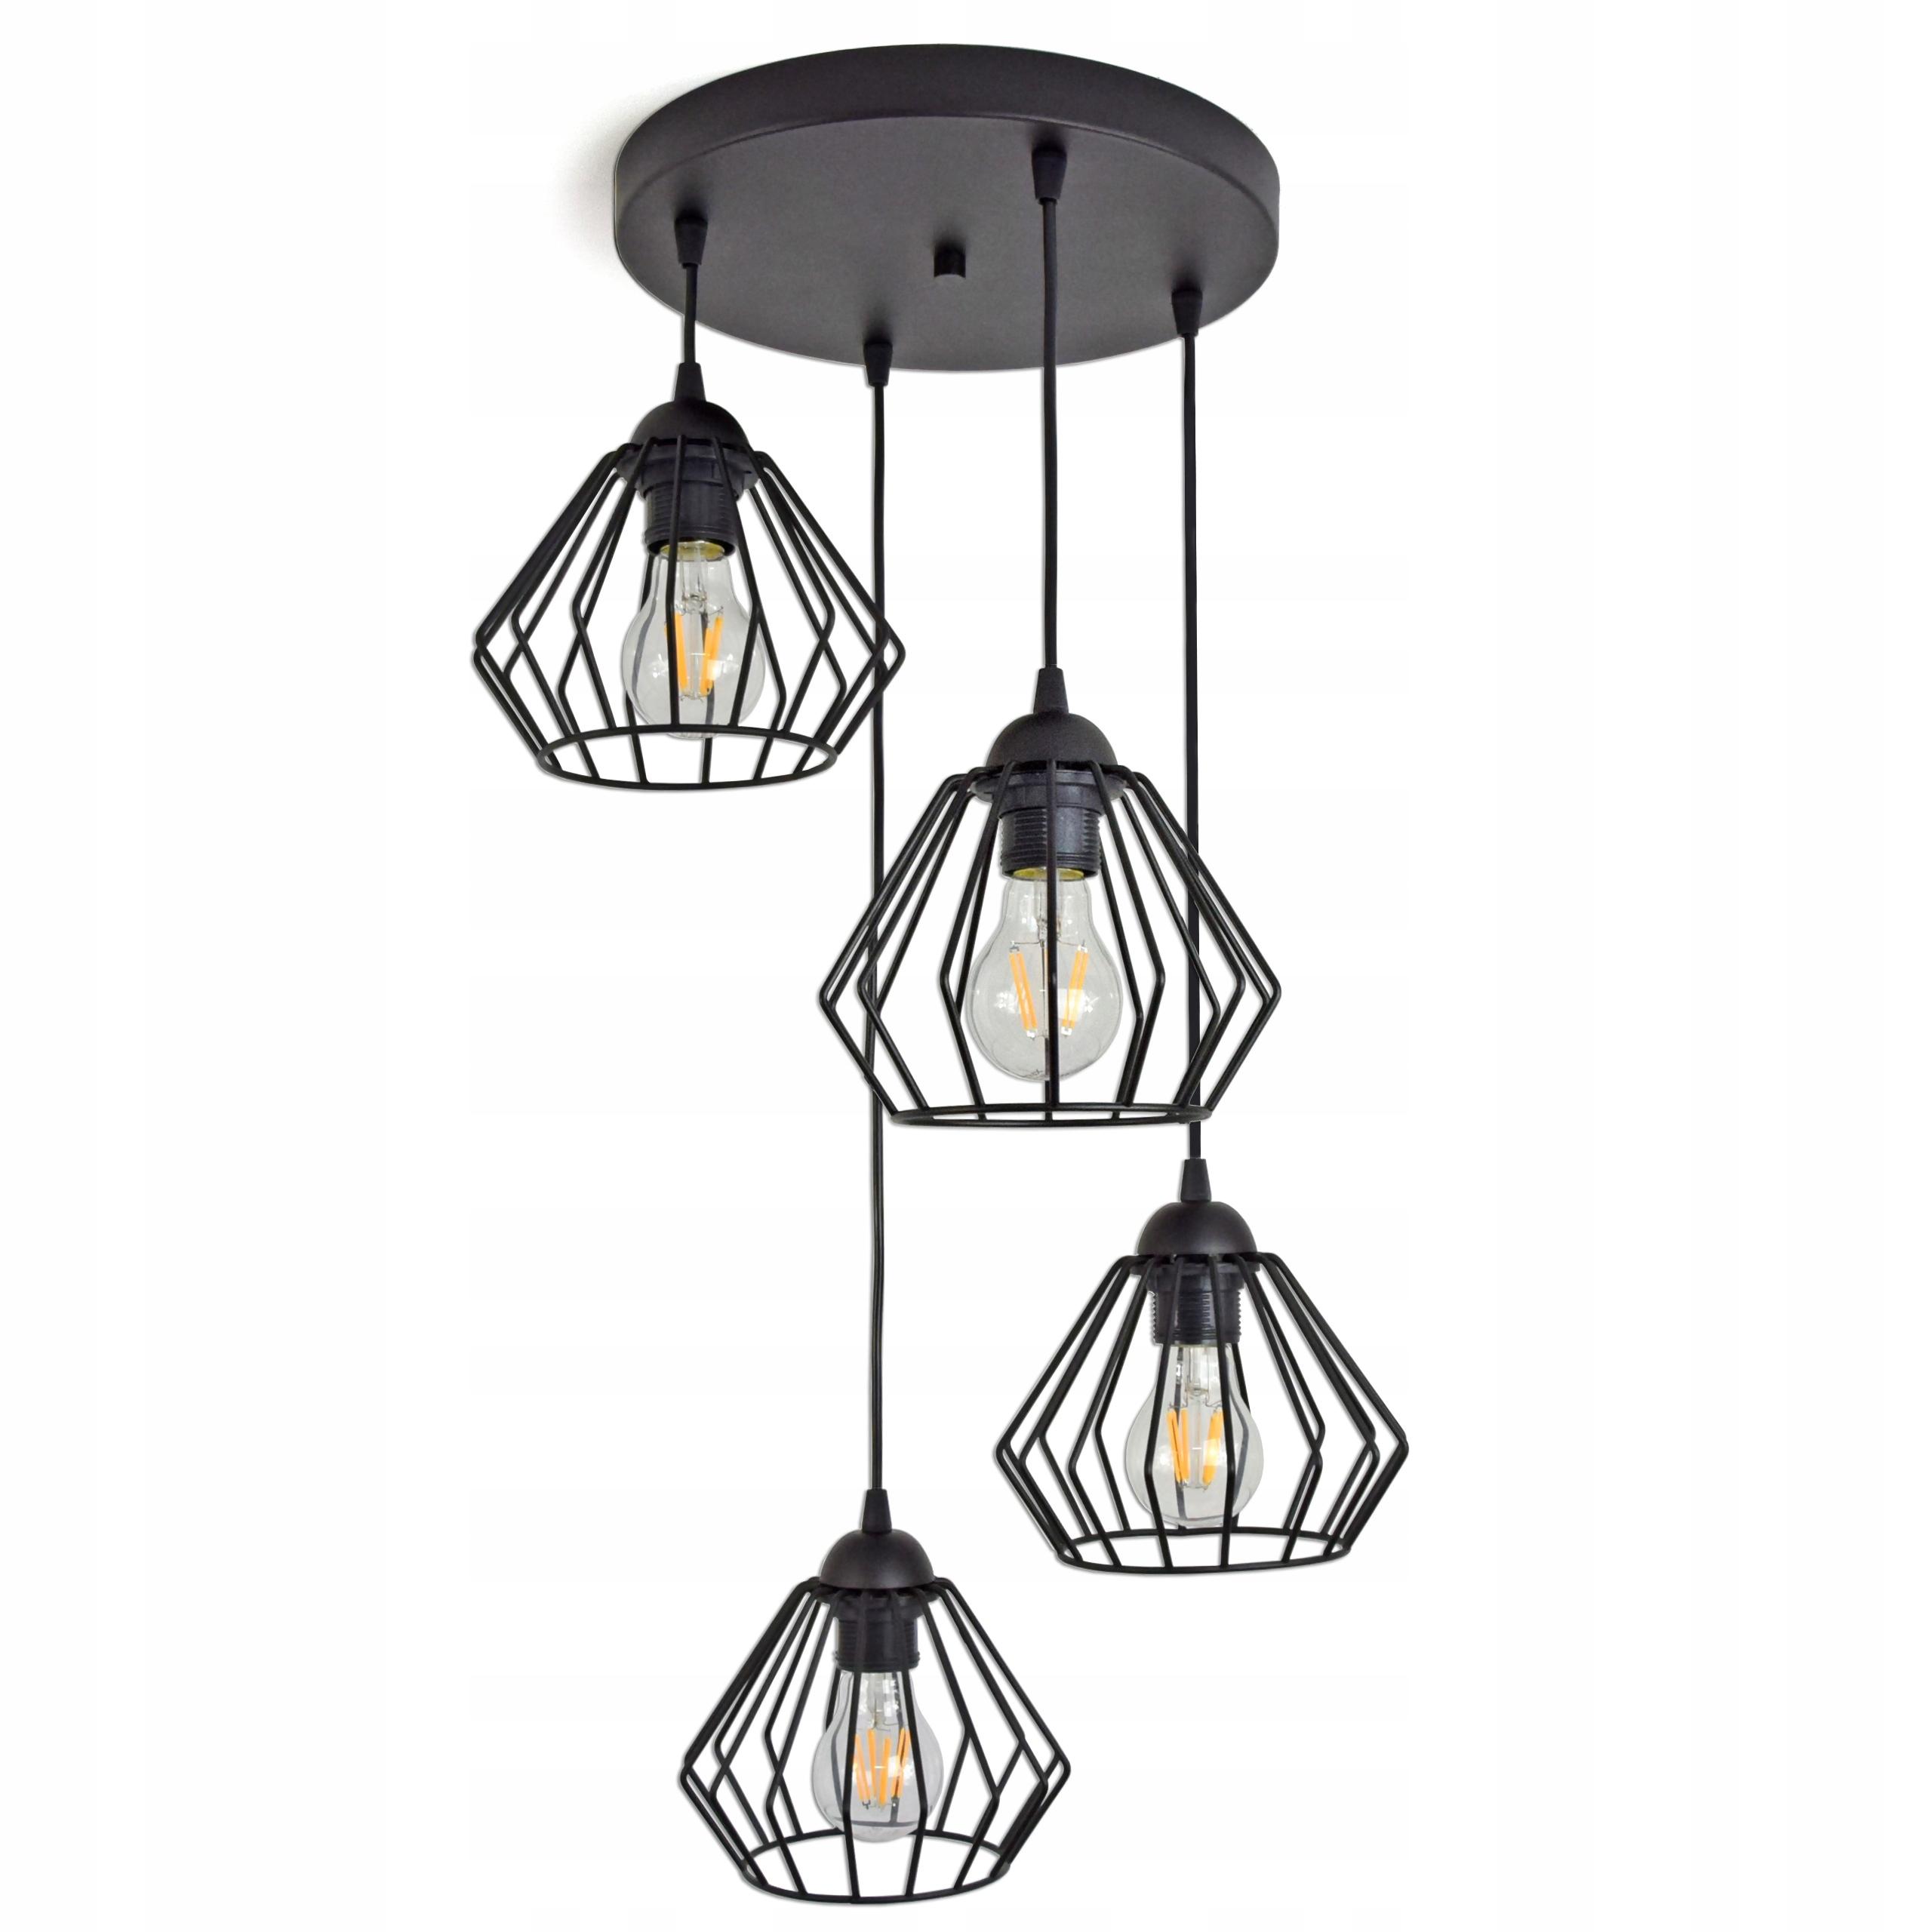 LAMPA WISZĄCA SUFITOWA ŻYRANDOL BRYLANT LED 724 E4